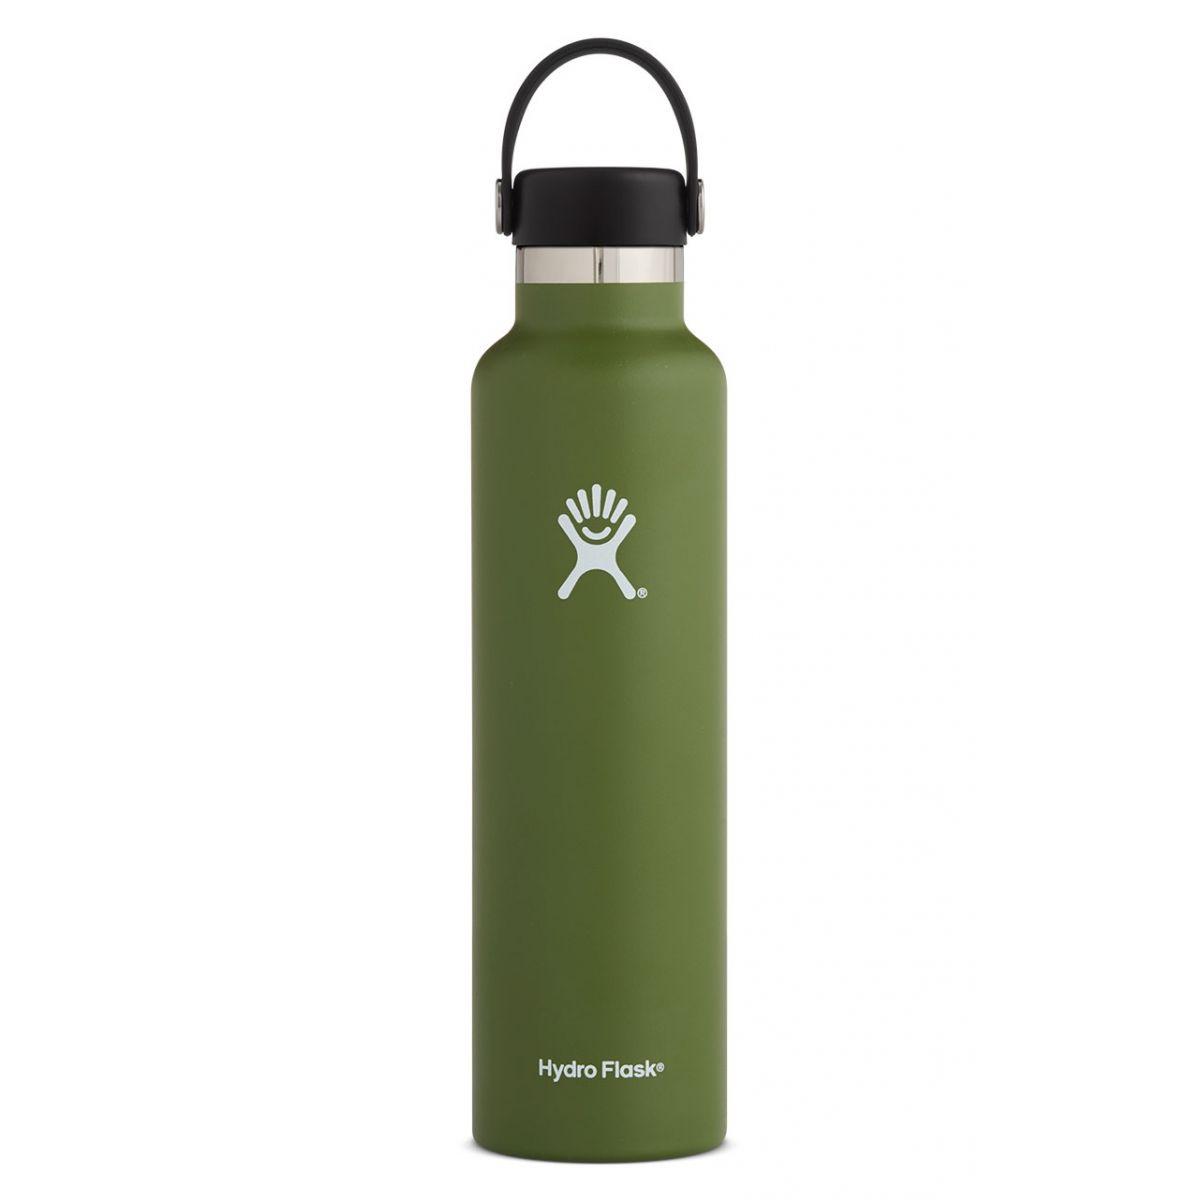 Bild von Hydro Flask 24 oz Standard Mouth Thermoflasche 710ml - Olive